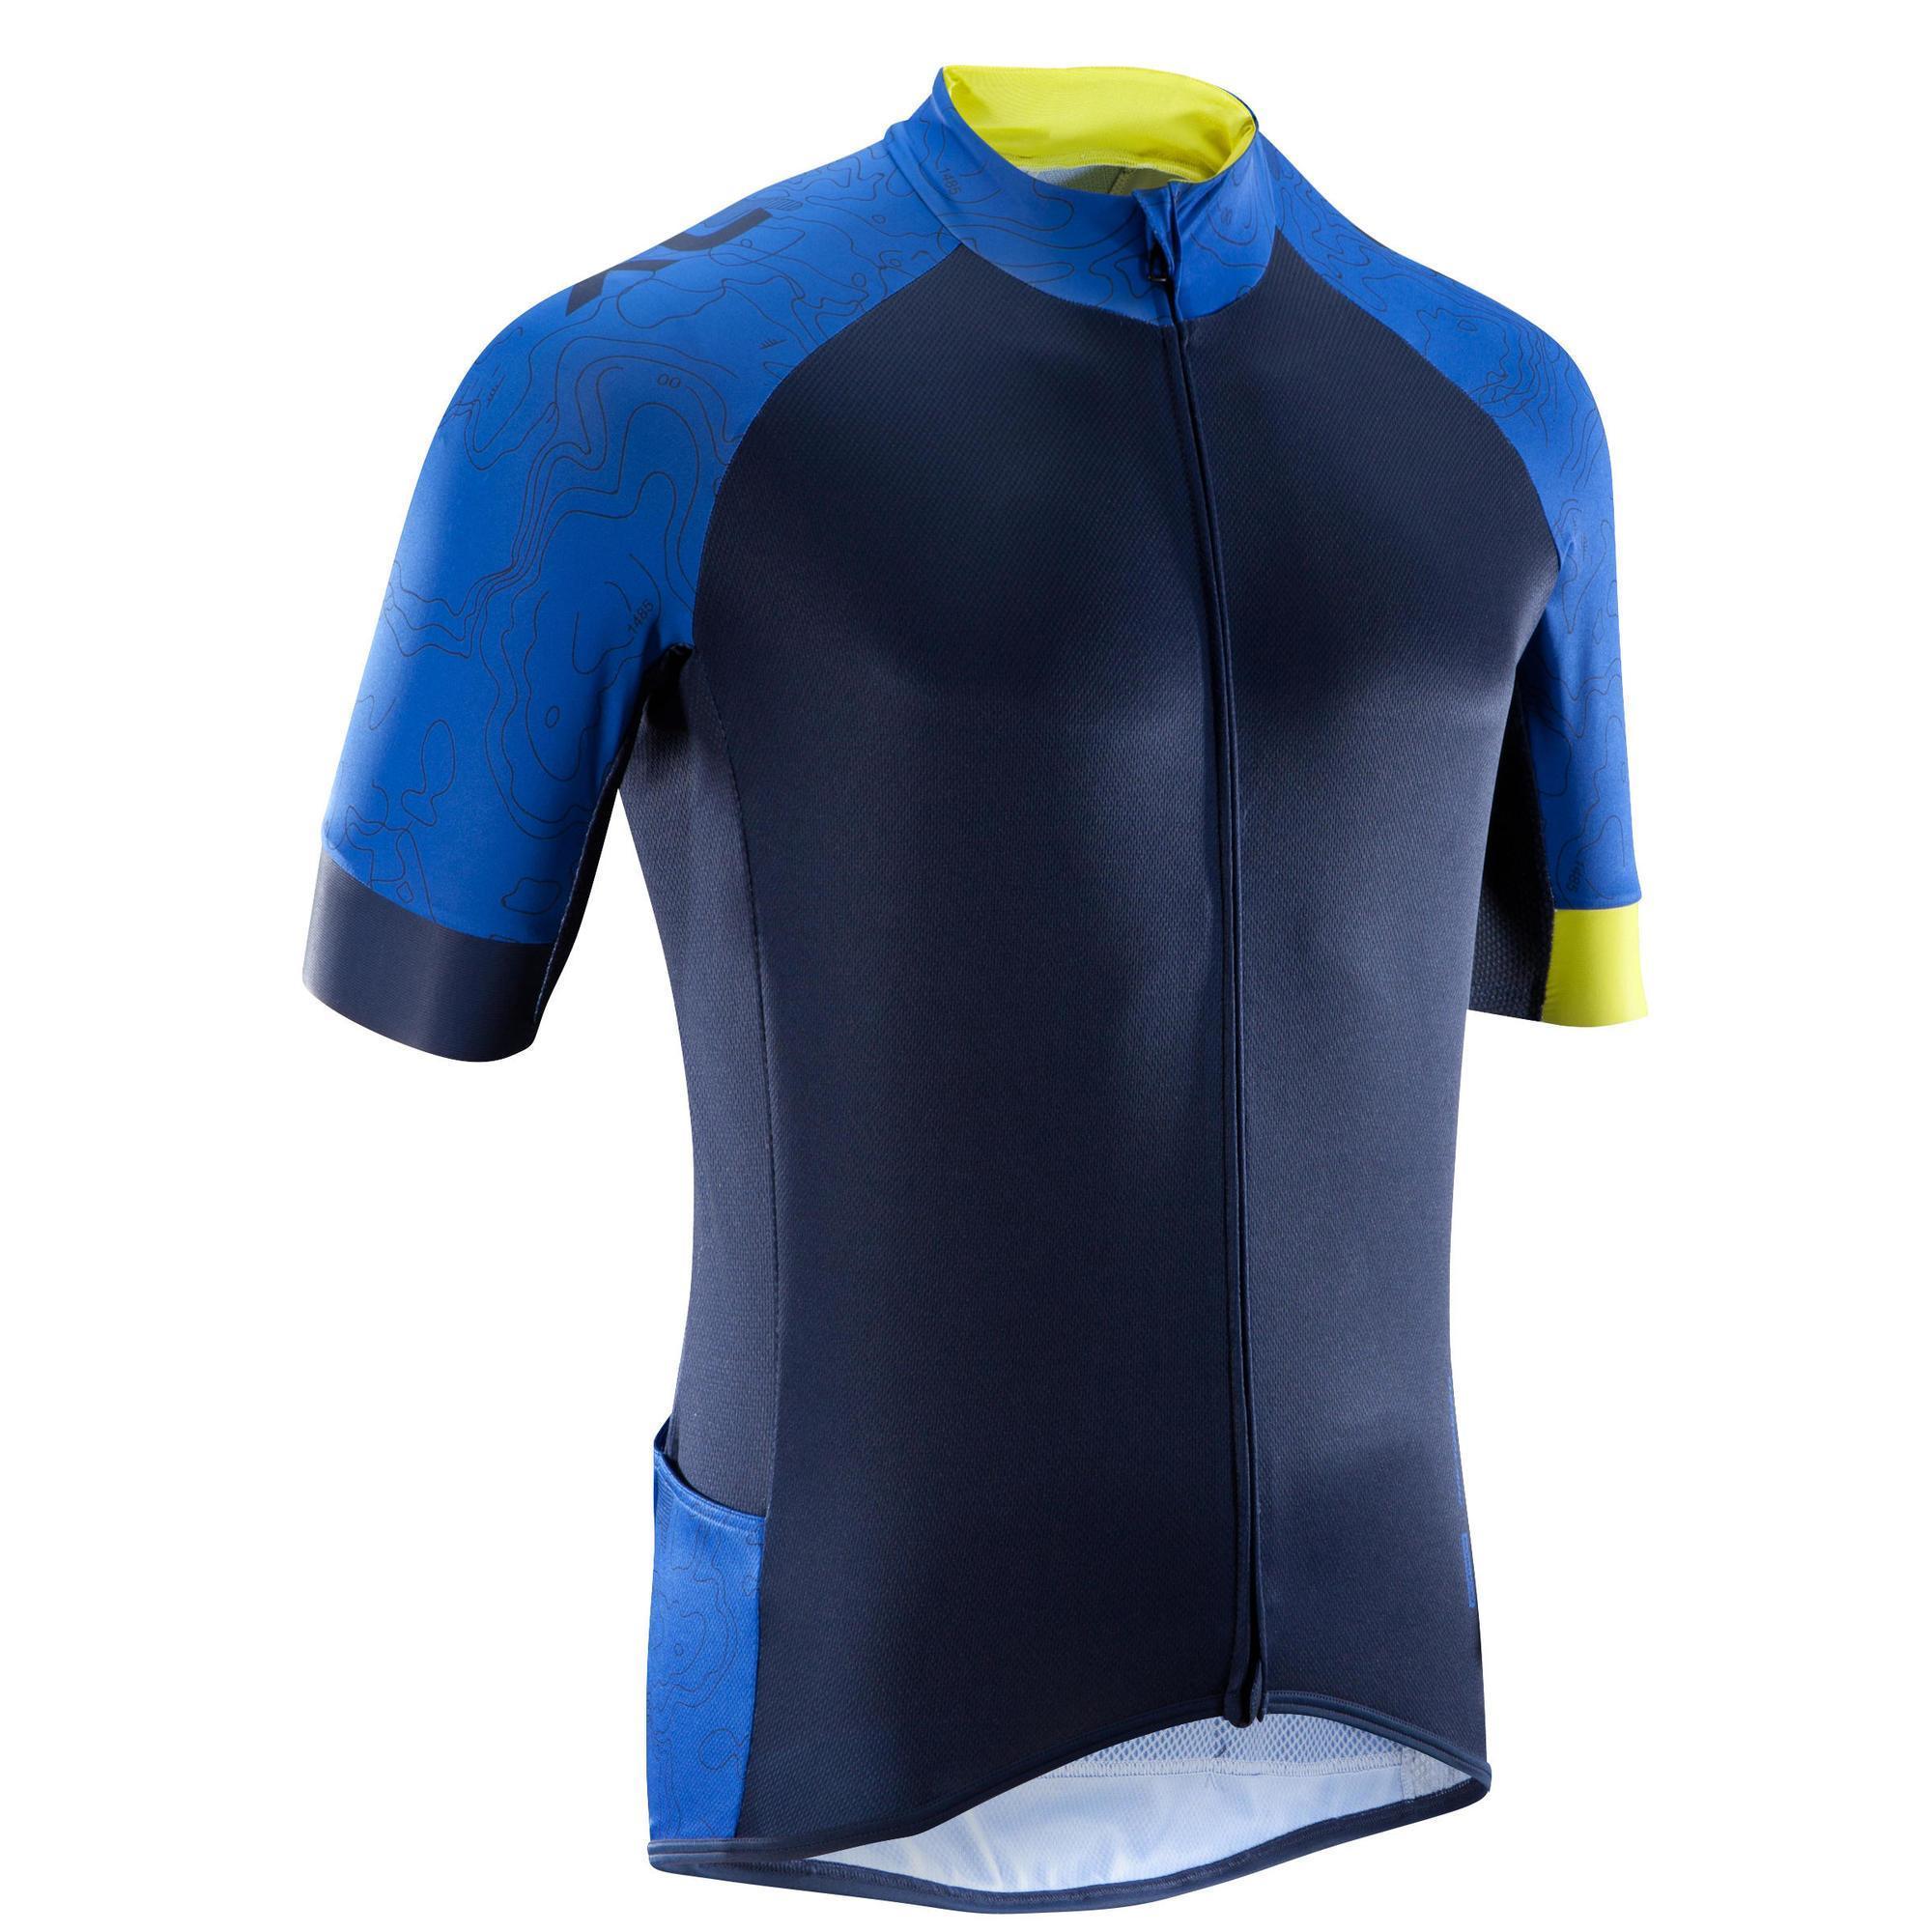 Fahrradtrikot kurzarm 100 XC blau   Sportbekleidung > Trikots > Fahrradtrikots   Blau - Gelb   Baumwolle   Rockrider